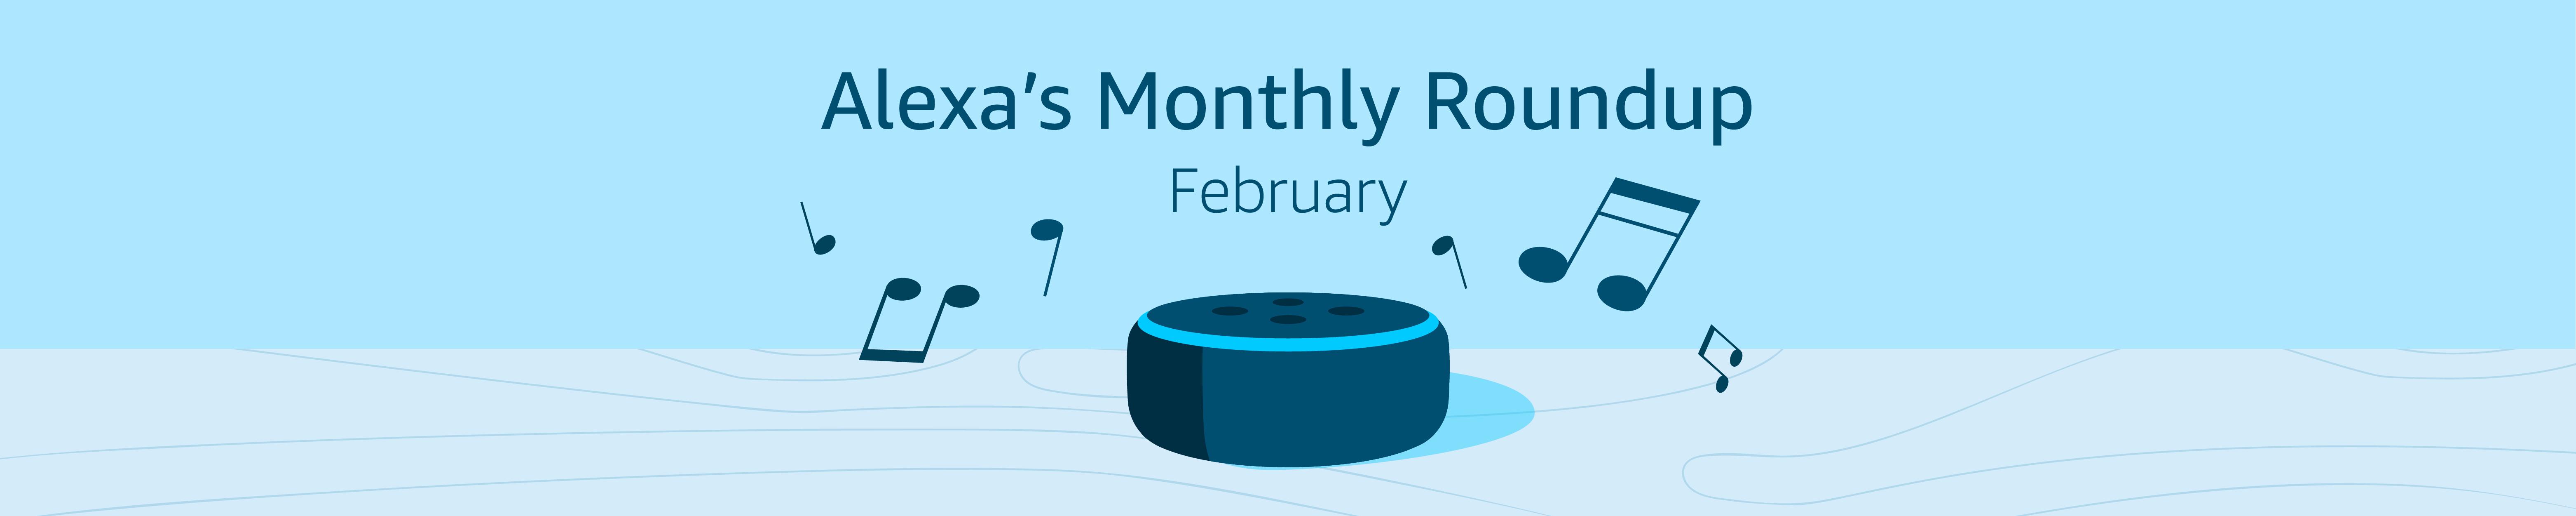 Alexa's Monthly Roundup: February